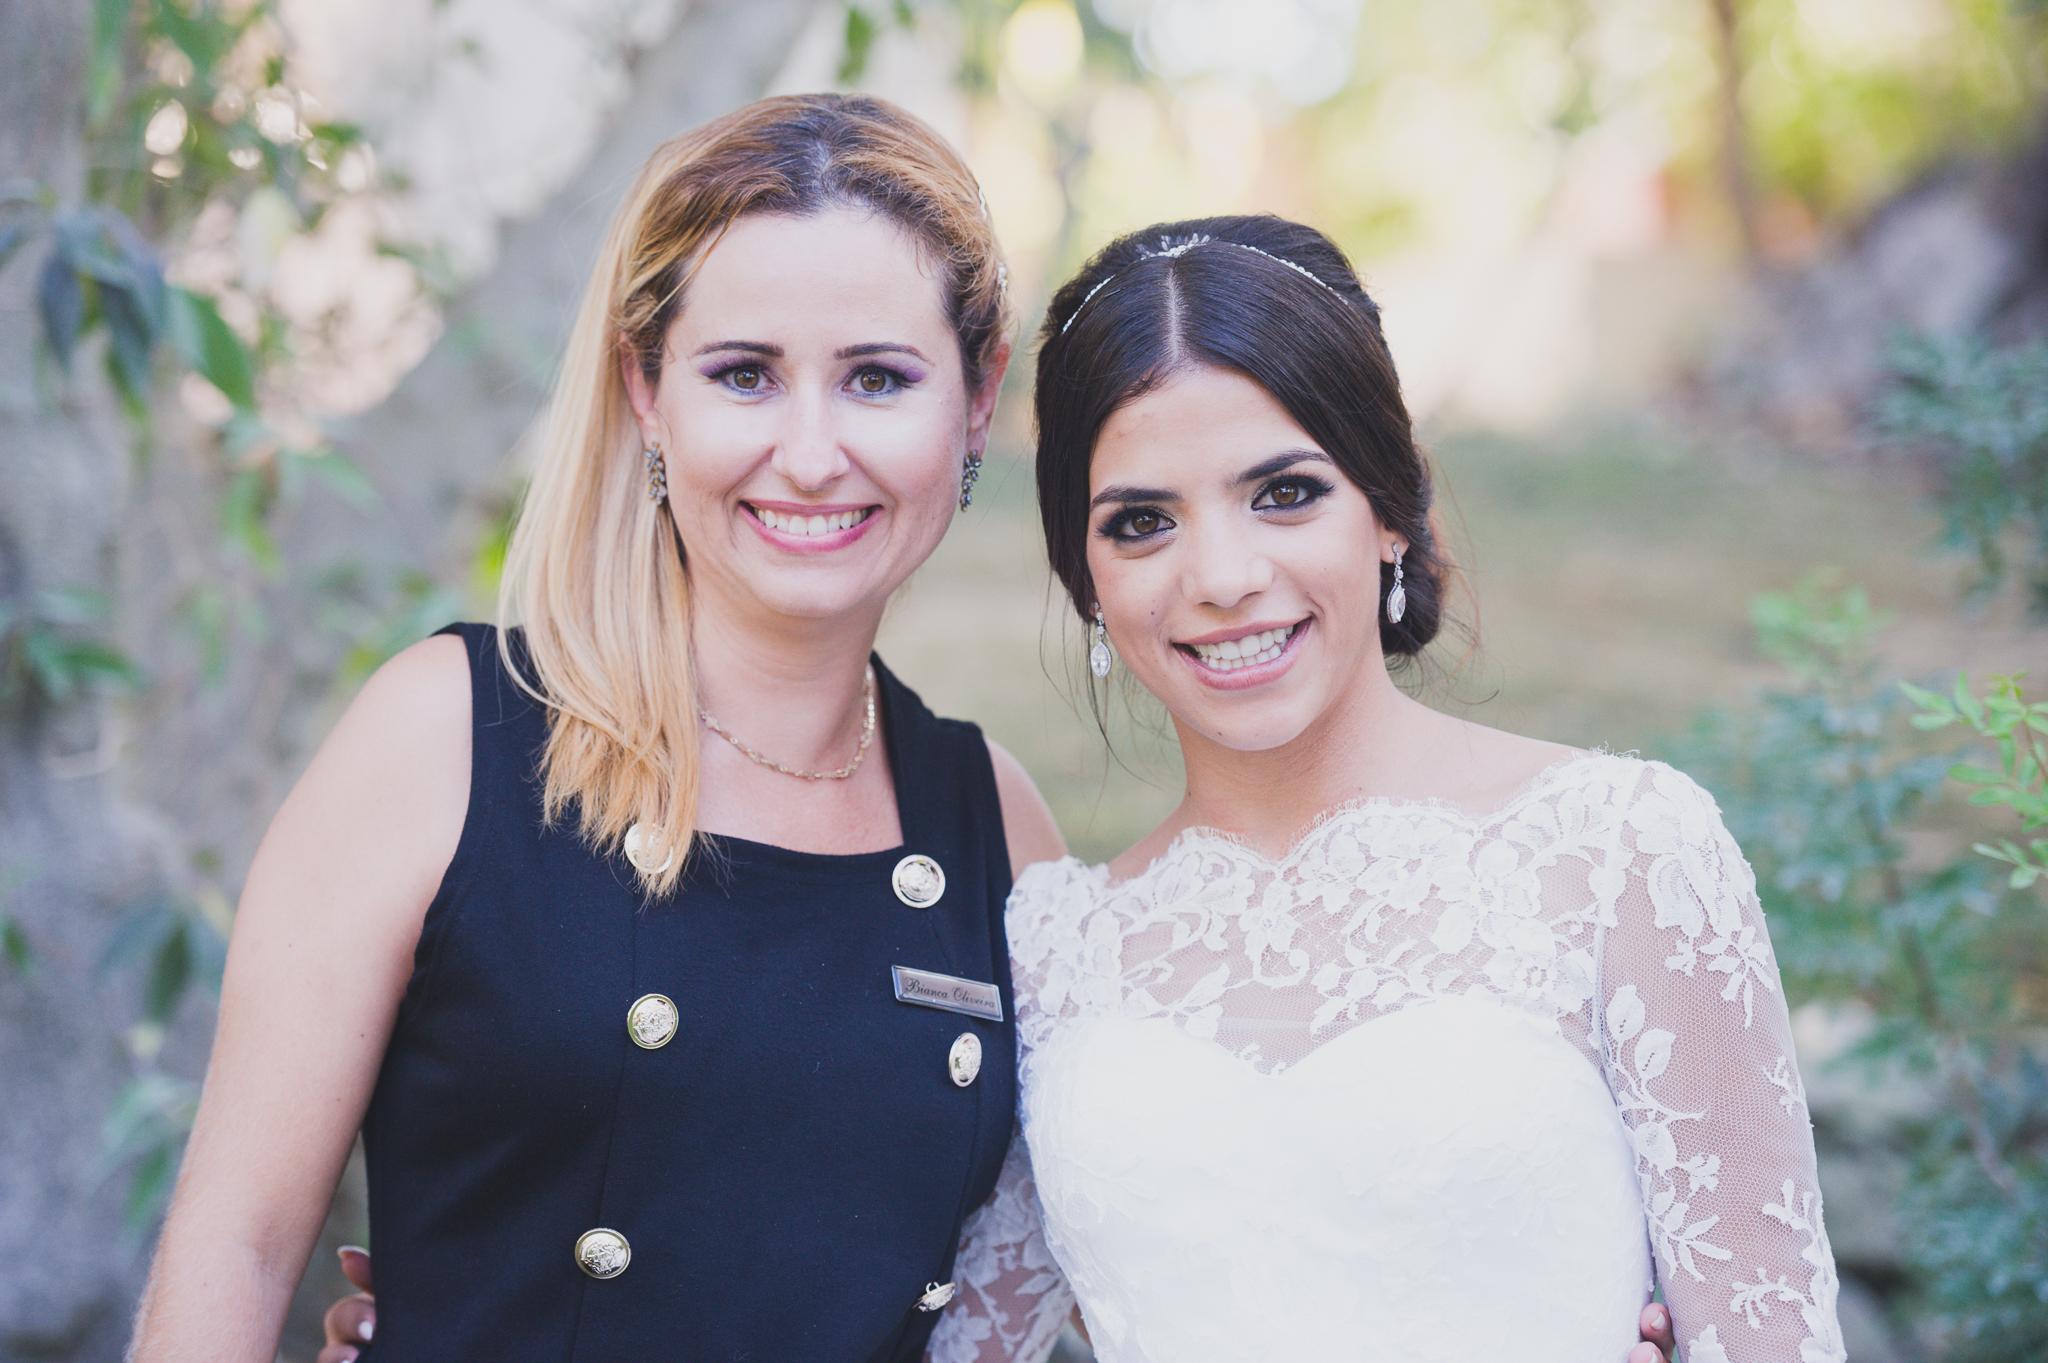 4122 - Entrevista com a wedding planner Bianca Oliveira